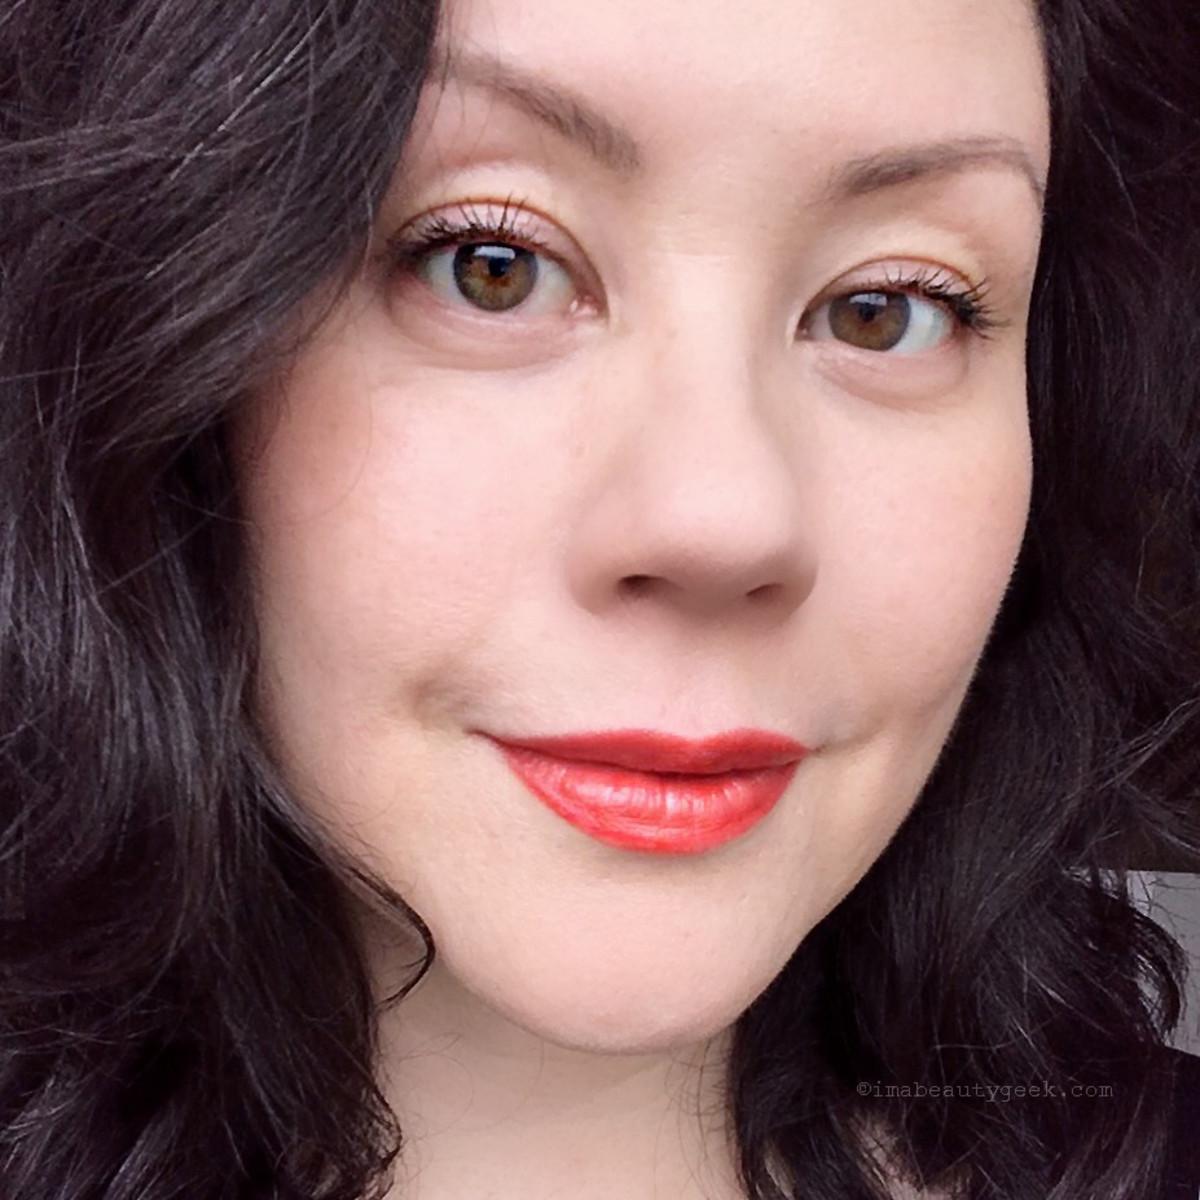 Guerlain Rouge G lipstick in 28 Genna